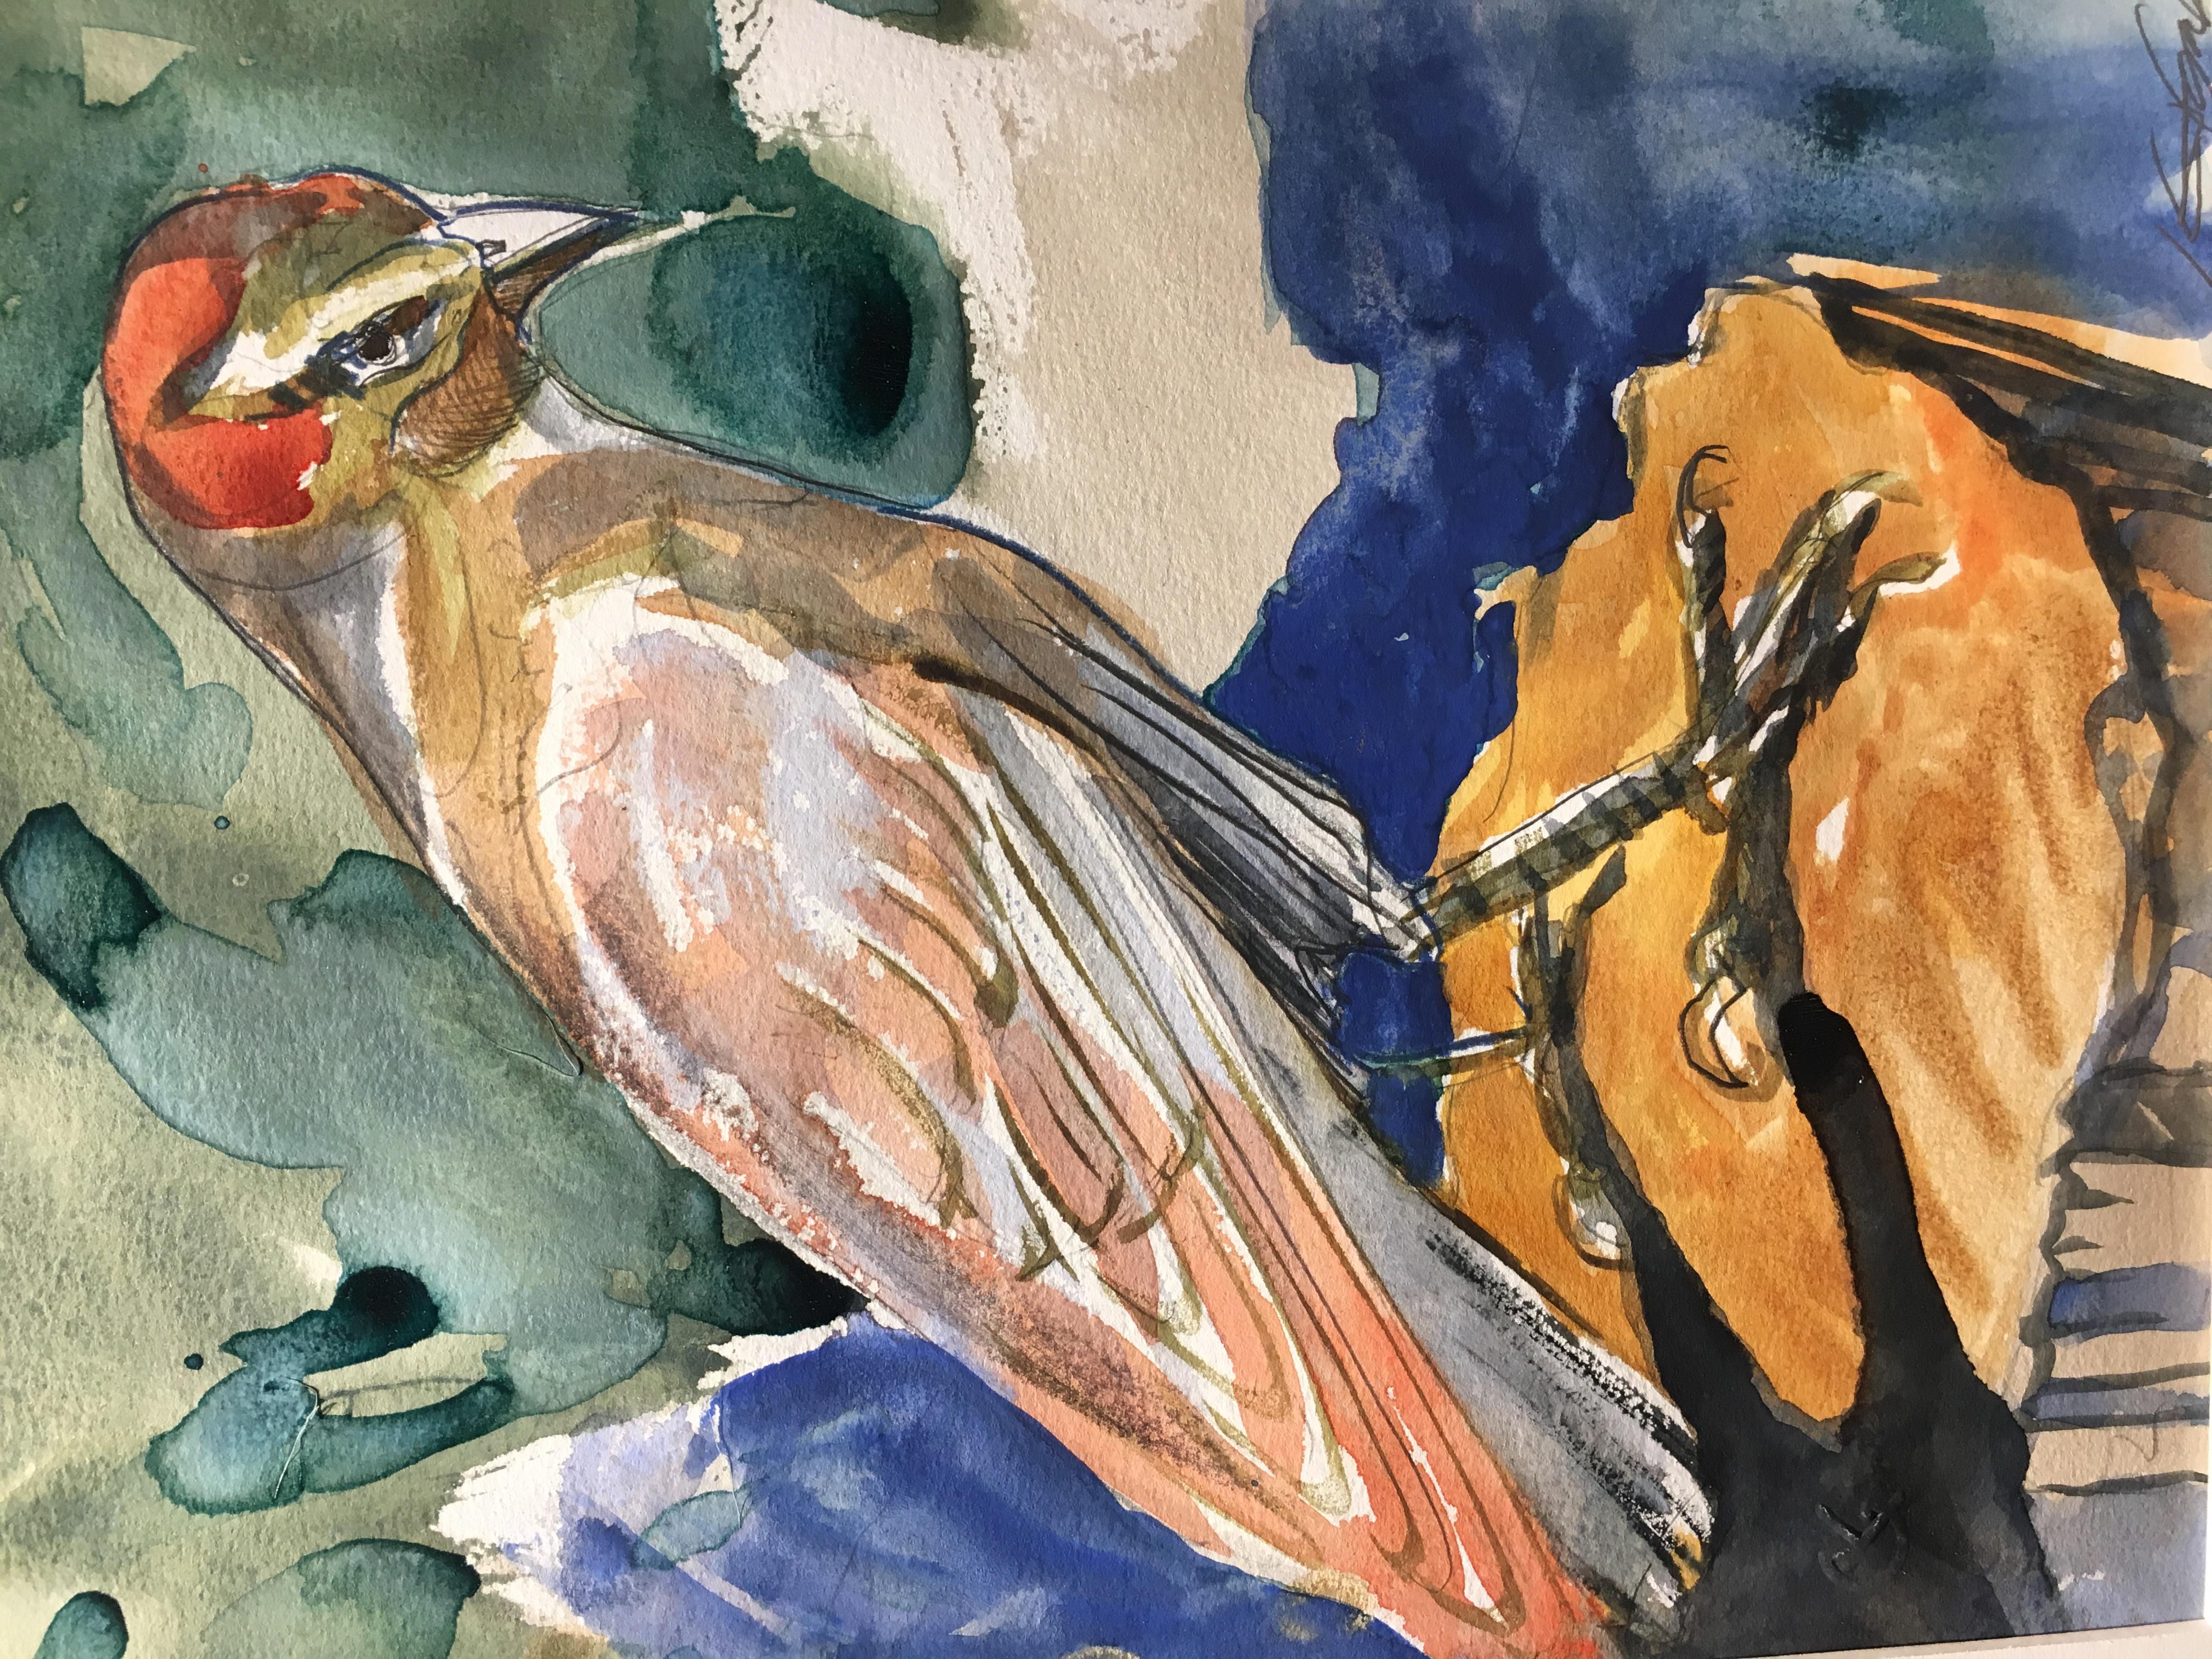 Red Bellied Woodpecker-Garber, watercolor $1200